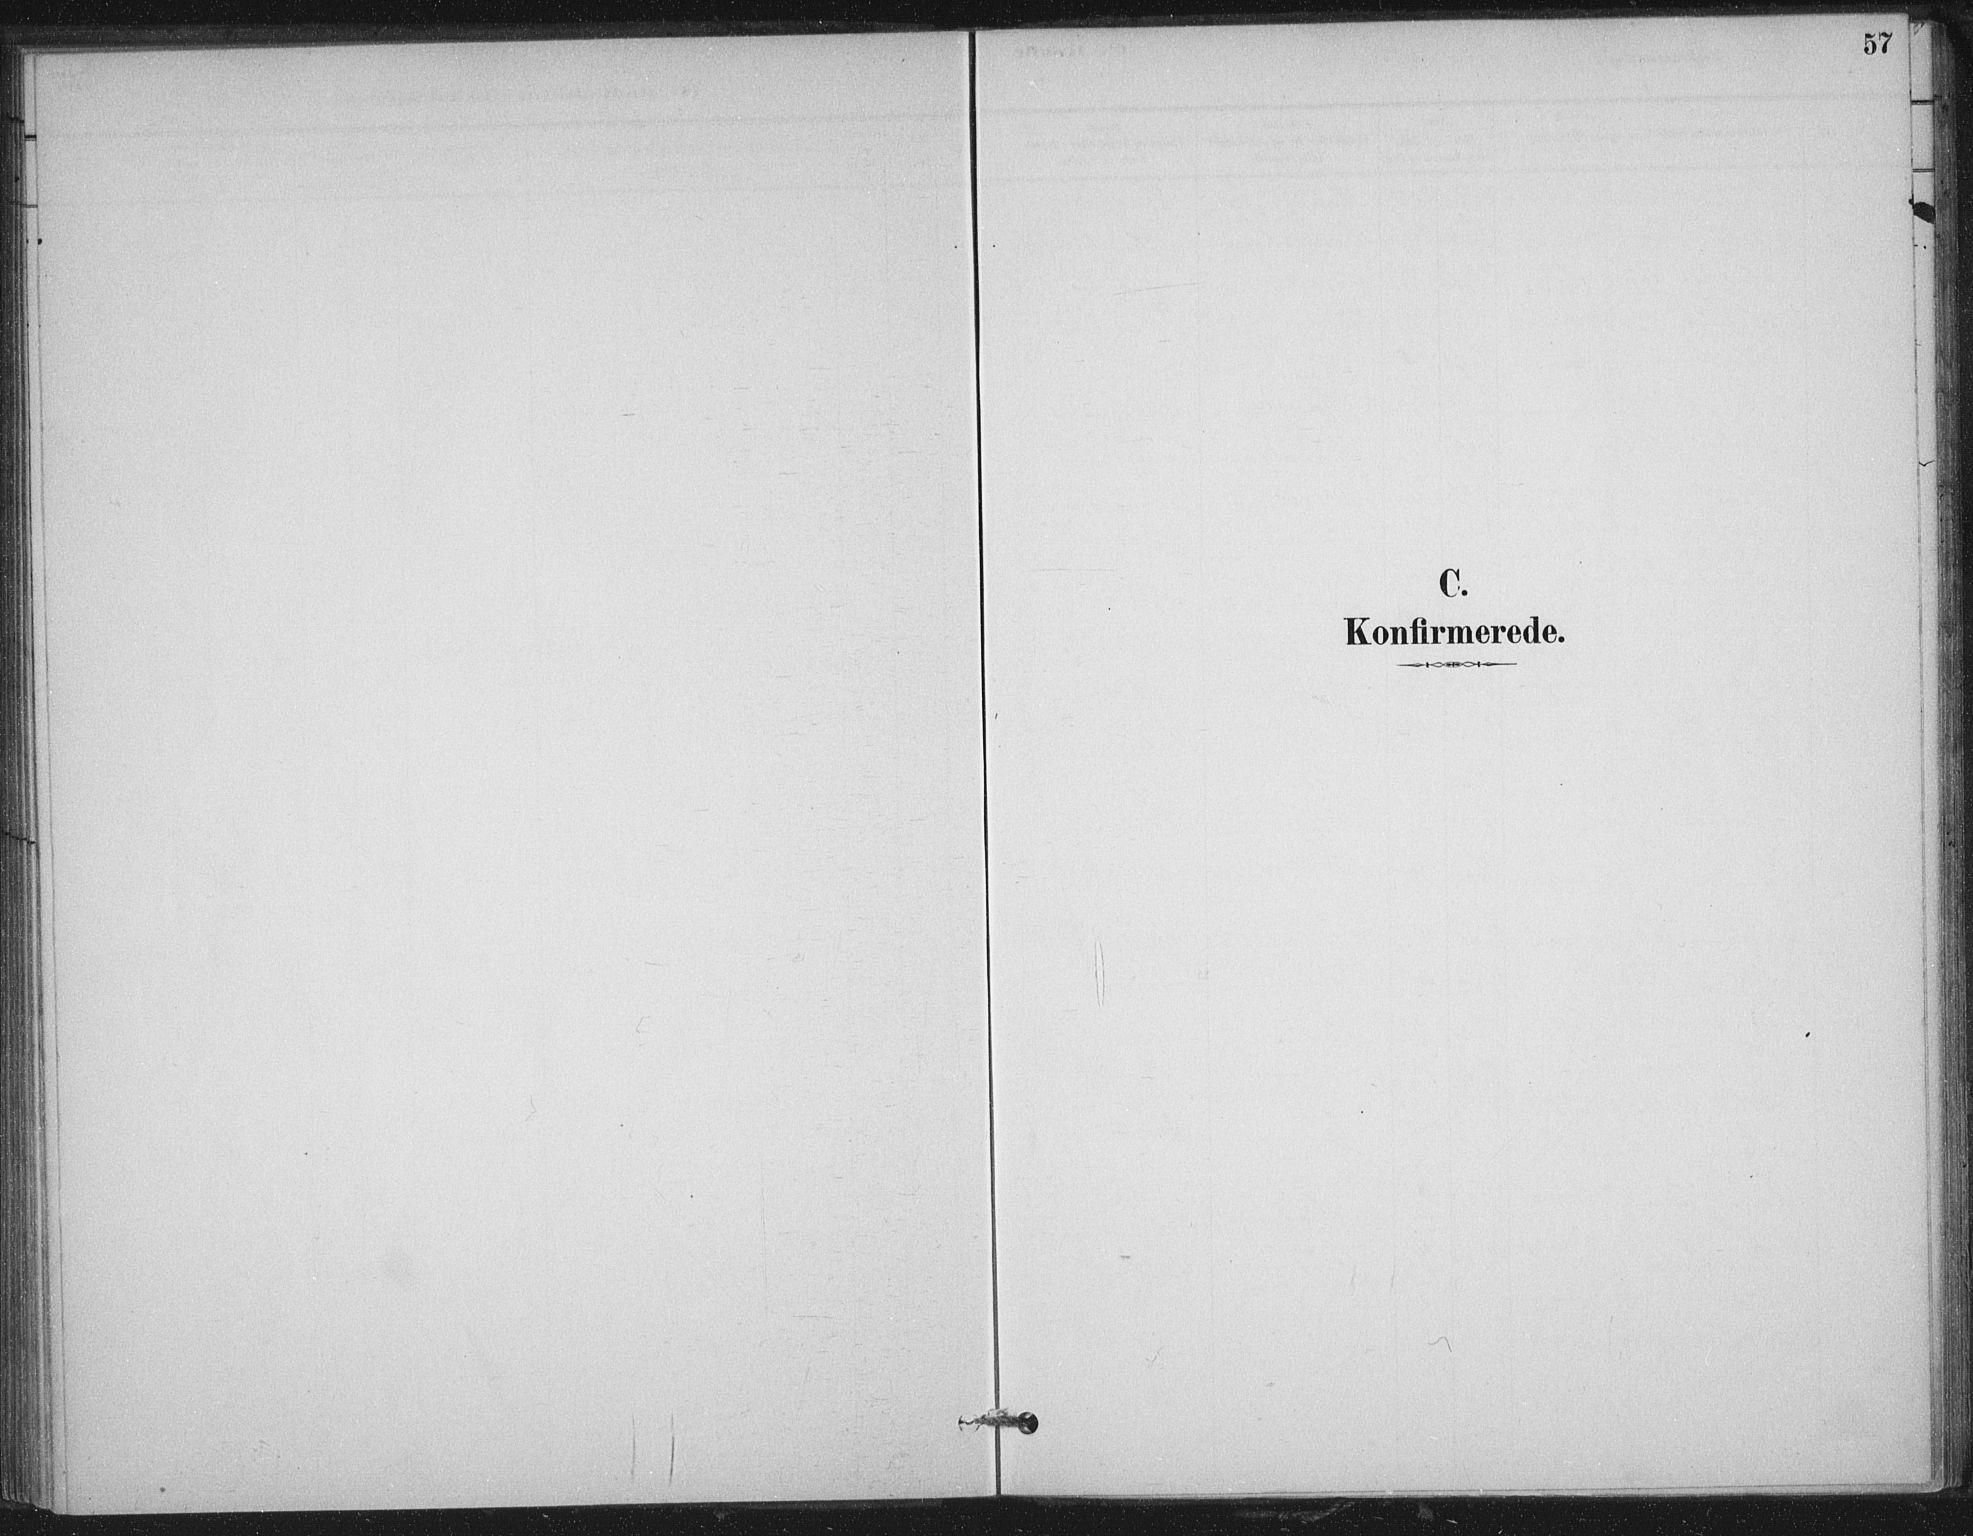 SAT, Ministerialprotokoller, klokkerbøker og fødselsregistre - Nord-Trøndelag, 702/L0023: Ministerialbok nr. 702A01, 1883-1897, s. 57